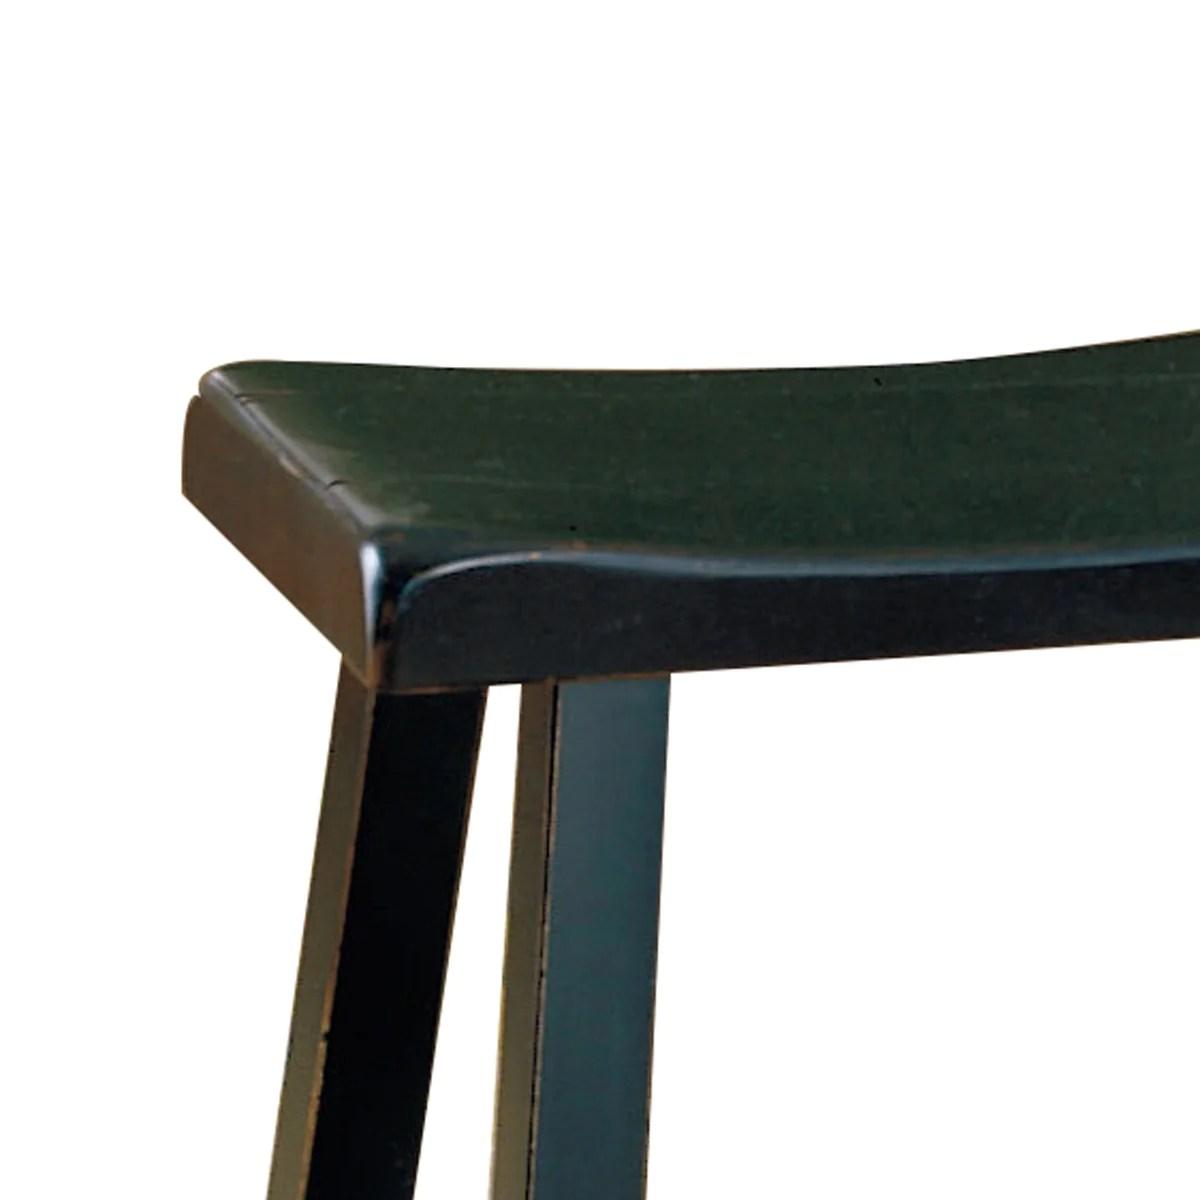 Benzara Wooden 18 Counter Height Stool With Saddle Seat Black Set Of 2 Bm175975 Benzara Com